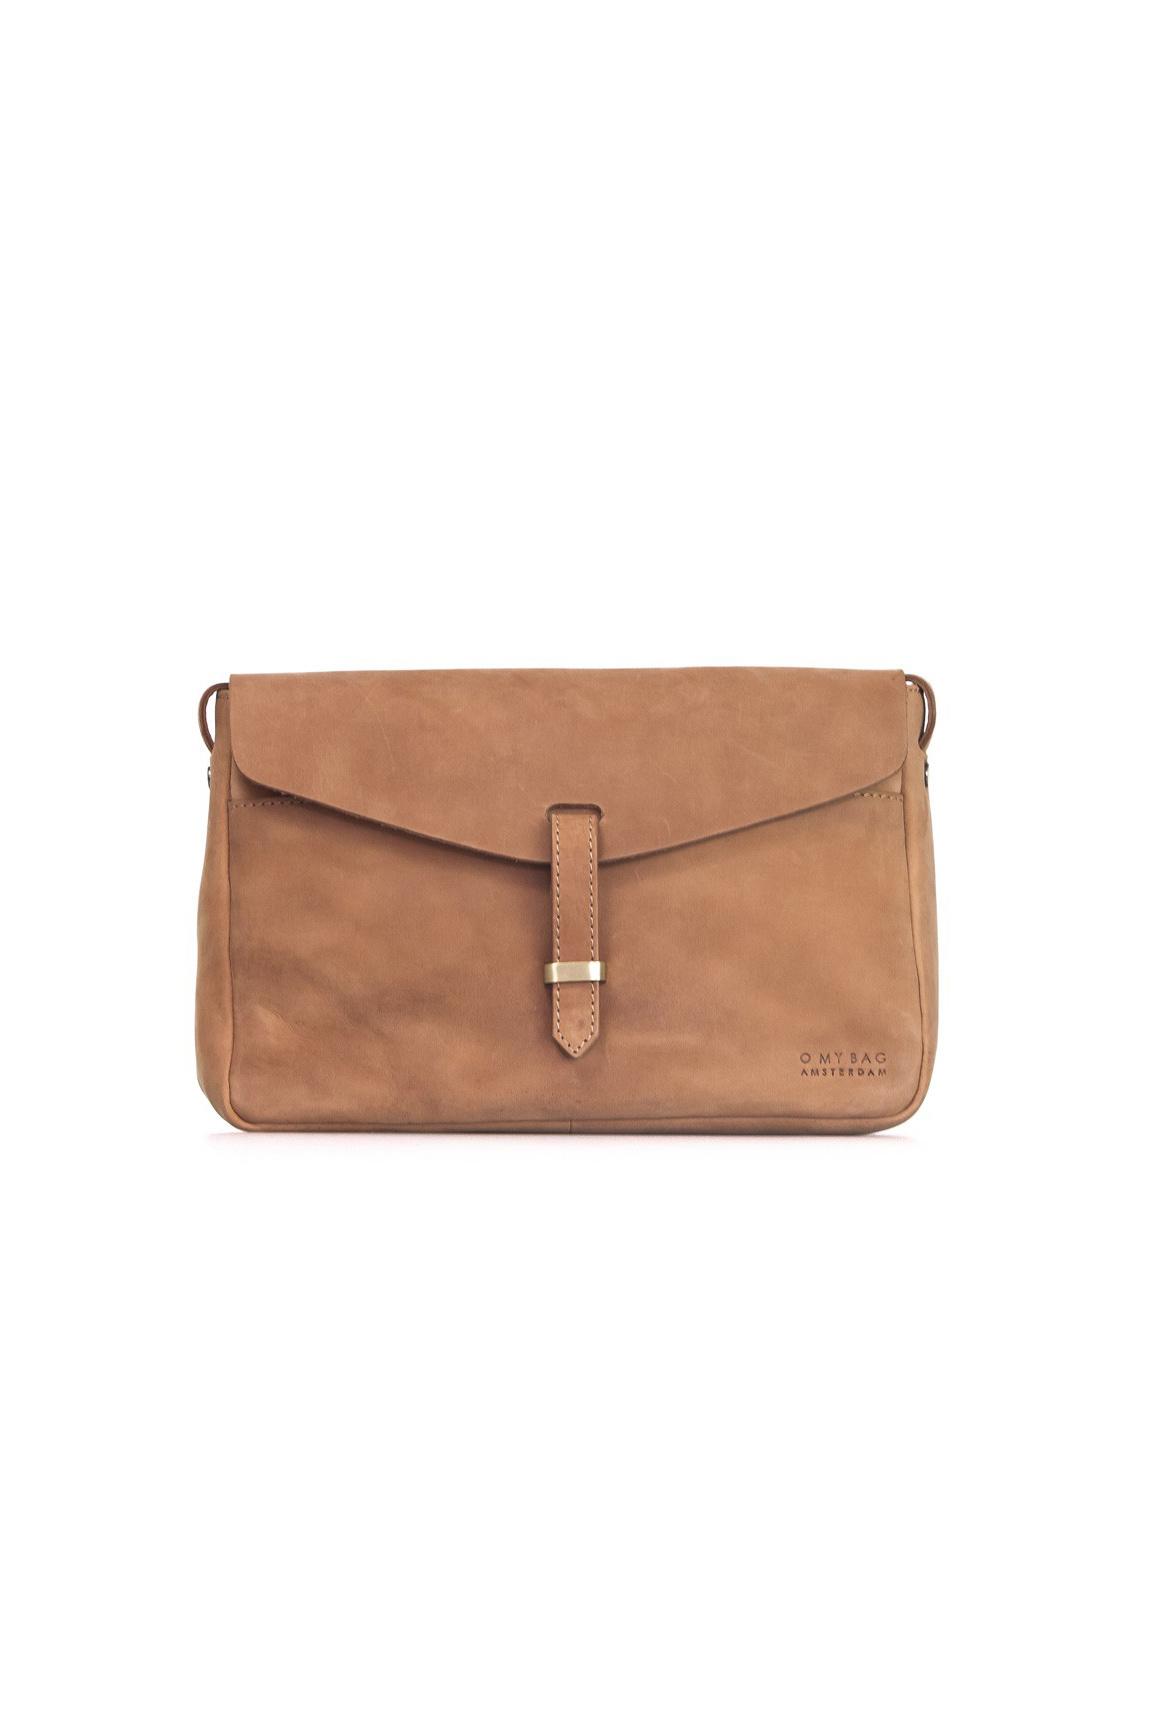 Ally Bag Maxi - Camel-1